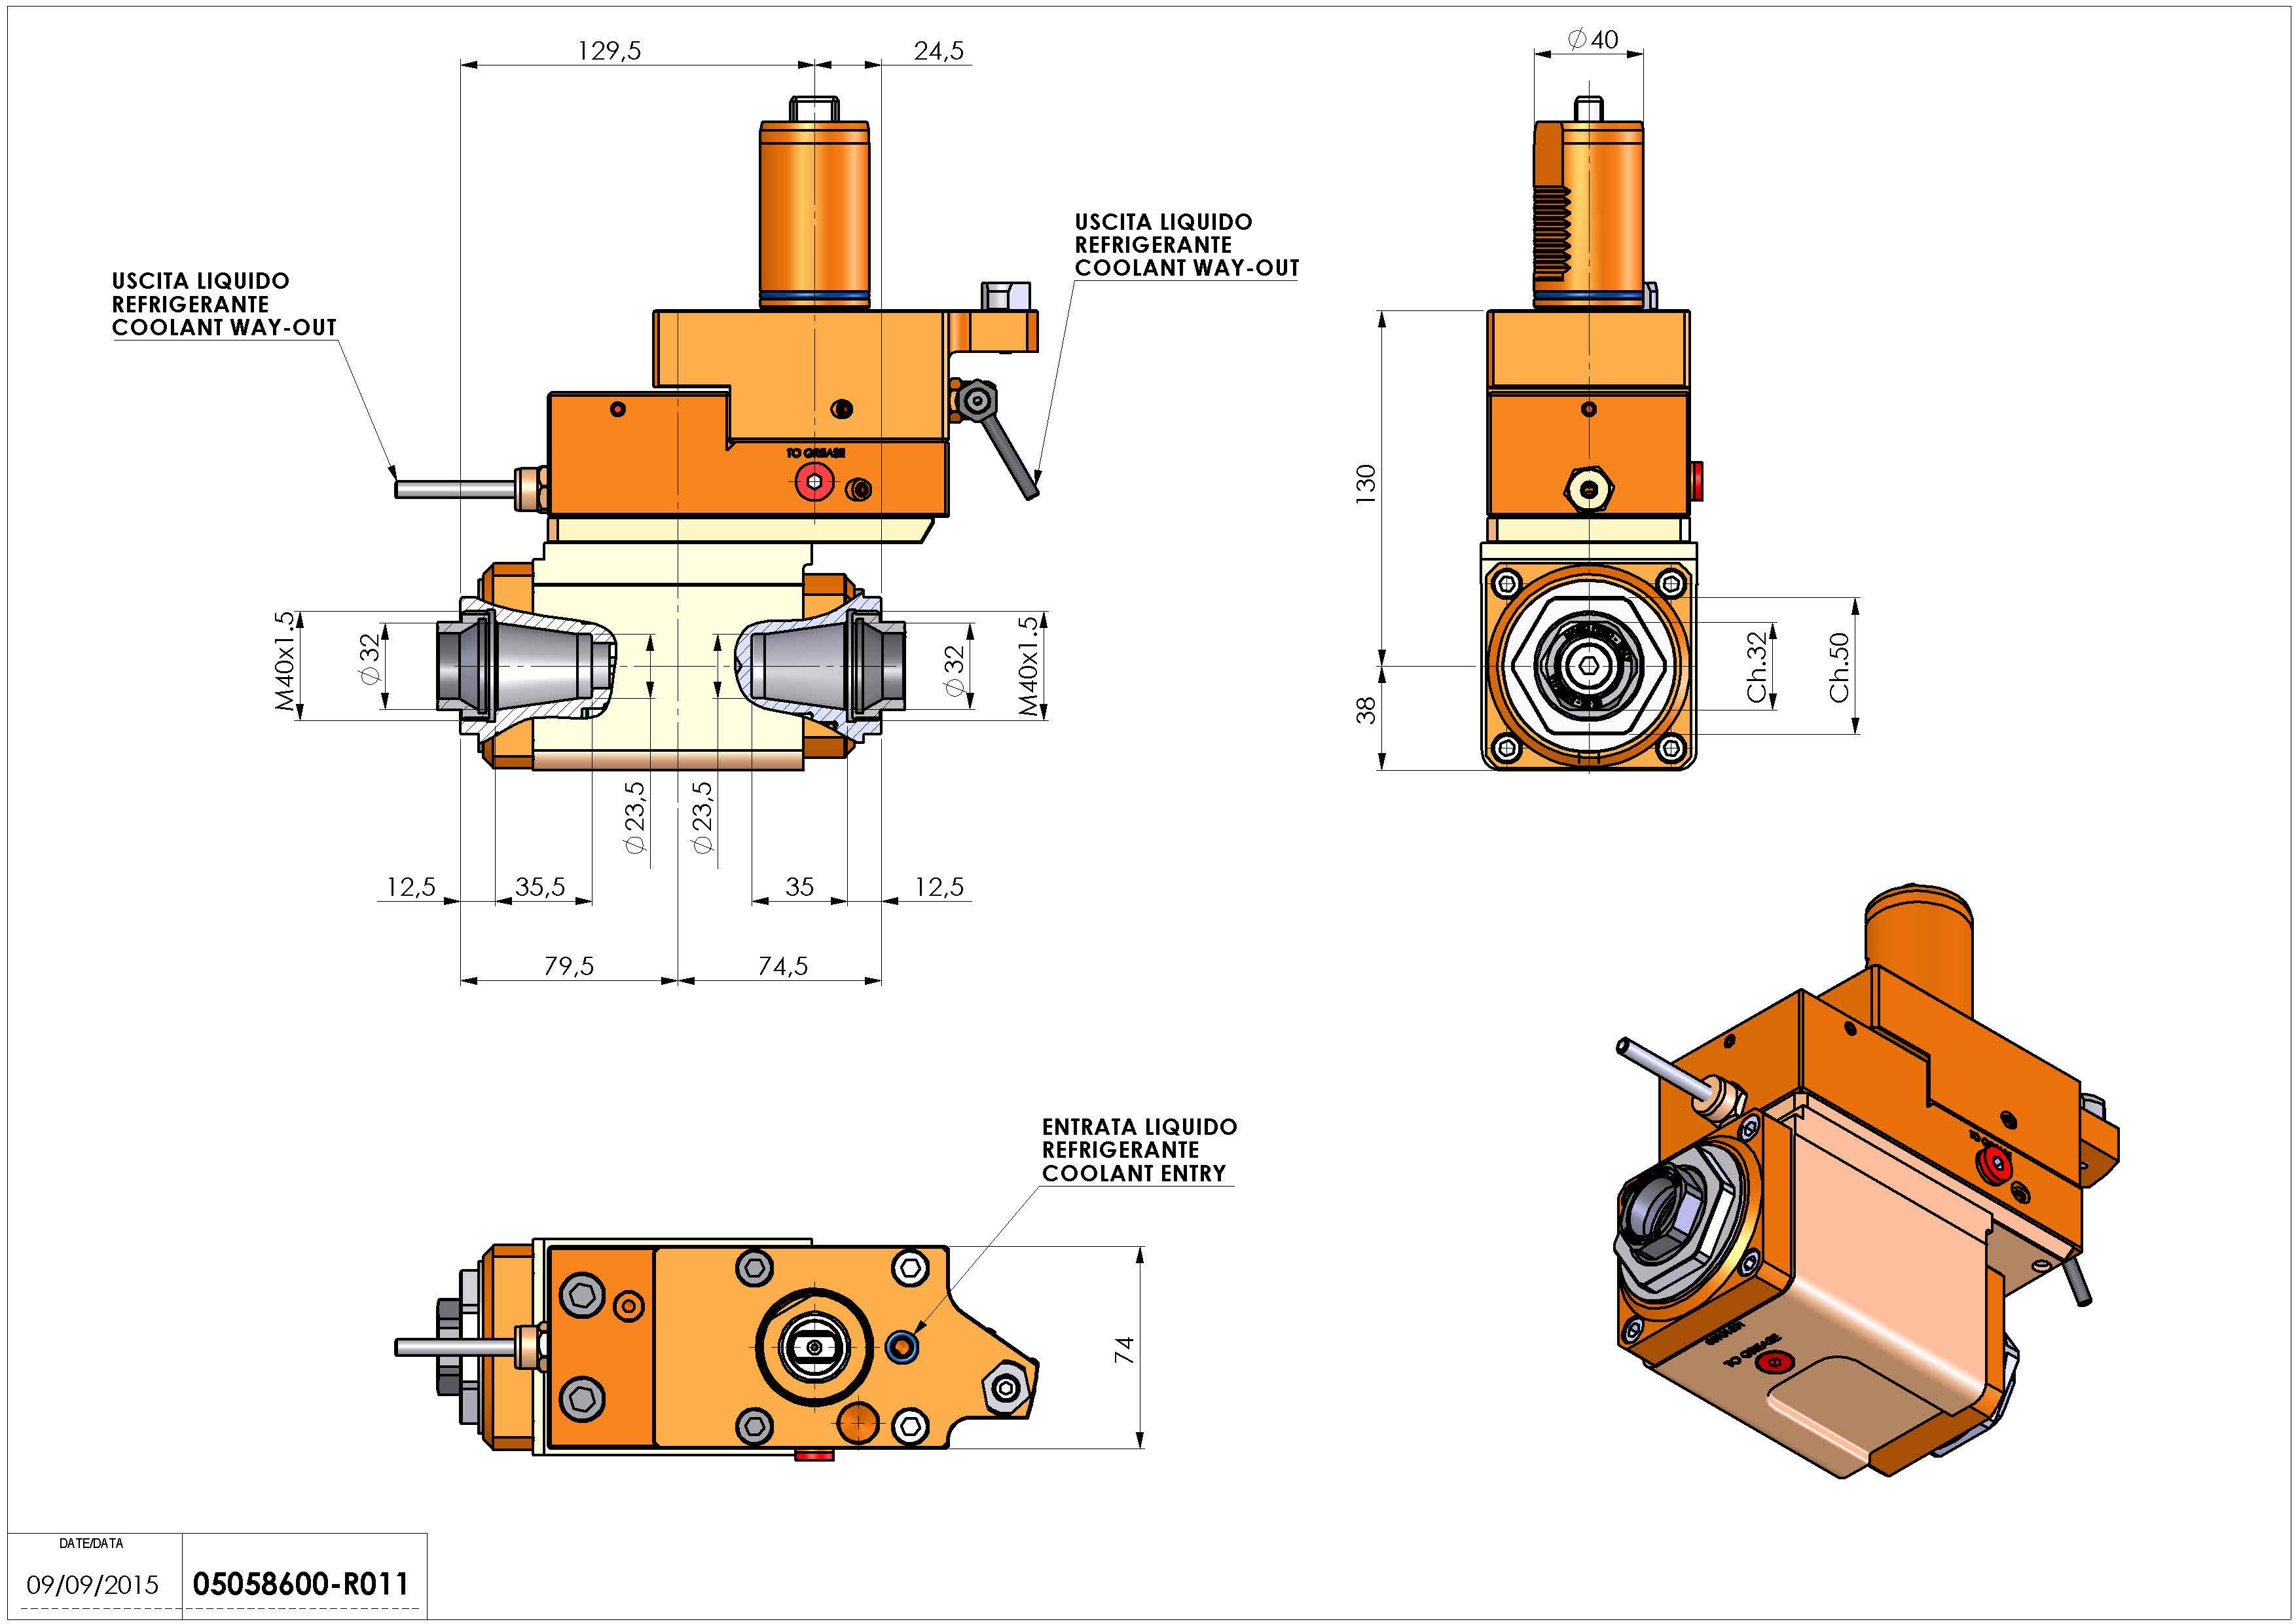 Technical image - LT-A VDI40 ER32F-32F OFH130 MZ.